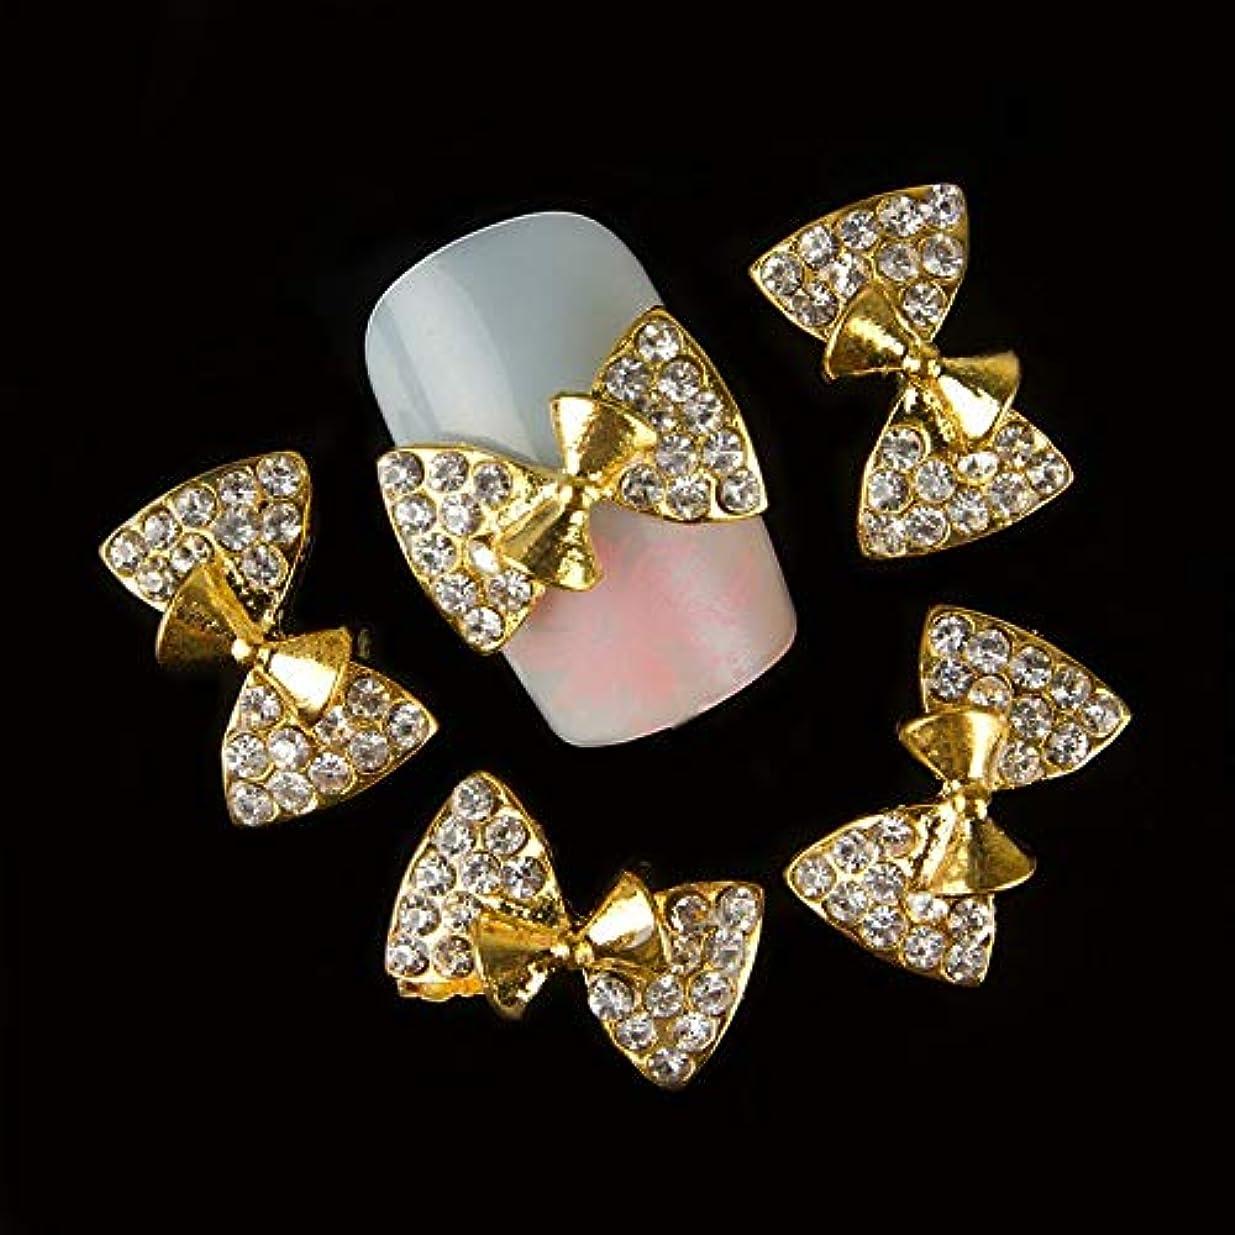 真珠のようなお別れ楽観10個入りの3Dゴールドネイル合金デコレーションボウデザイングリッターラインストーンネイルアートのヒントステッカー